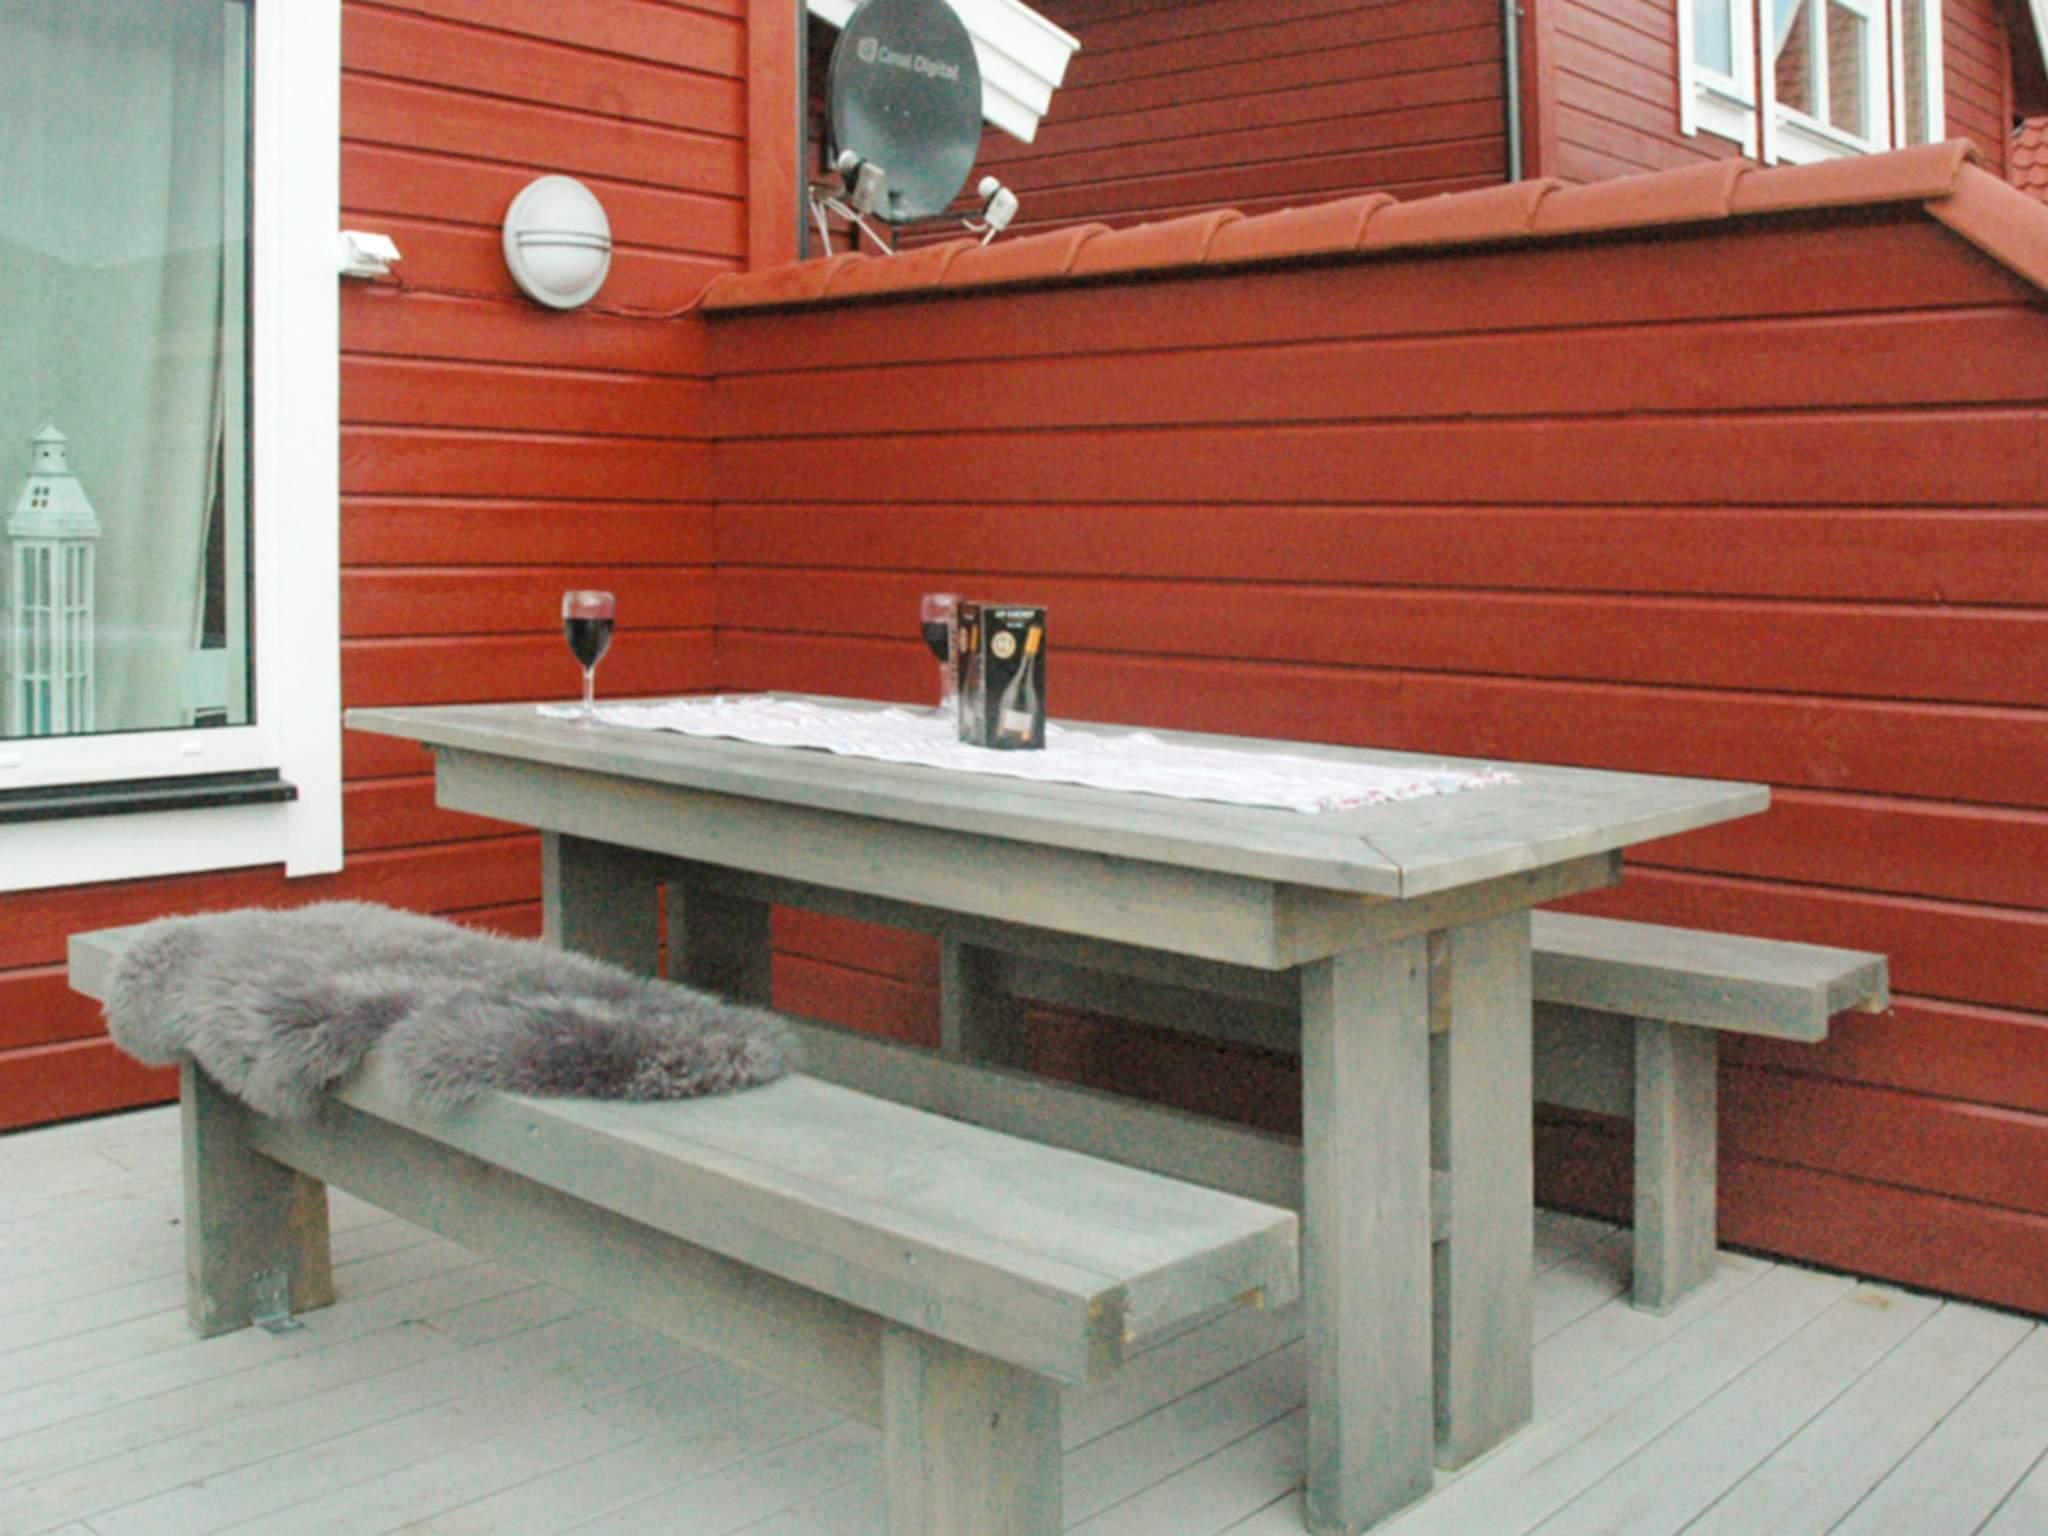 Ferienhaus Haugsbygda (479853), Haugsbygda, More - Romsdal, Westnorwegen, Norwegen, Bild 22